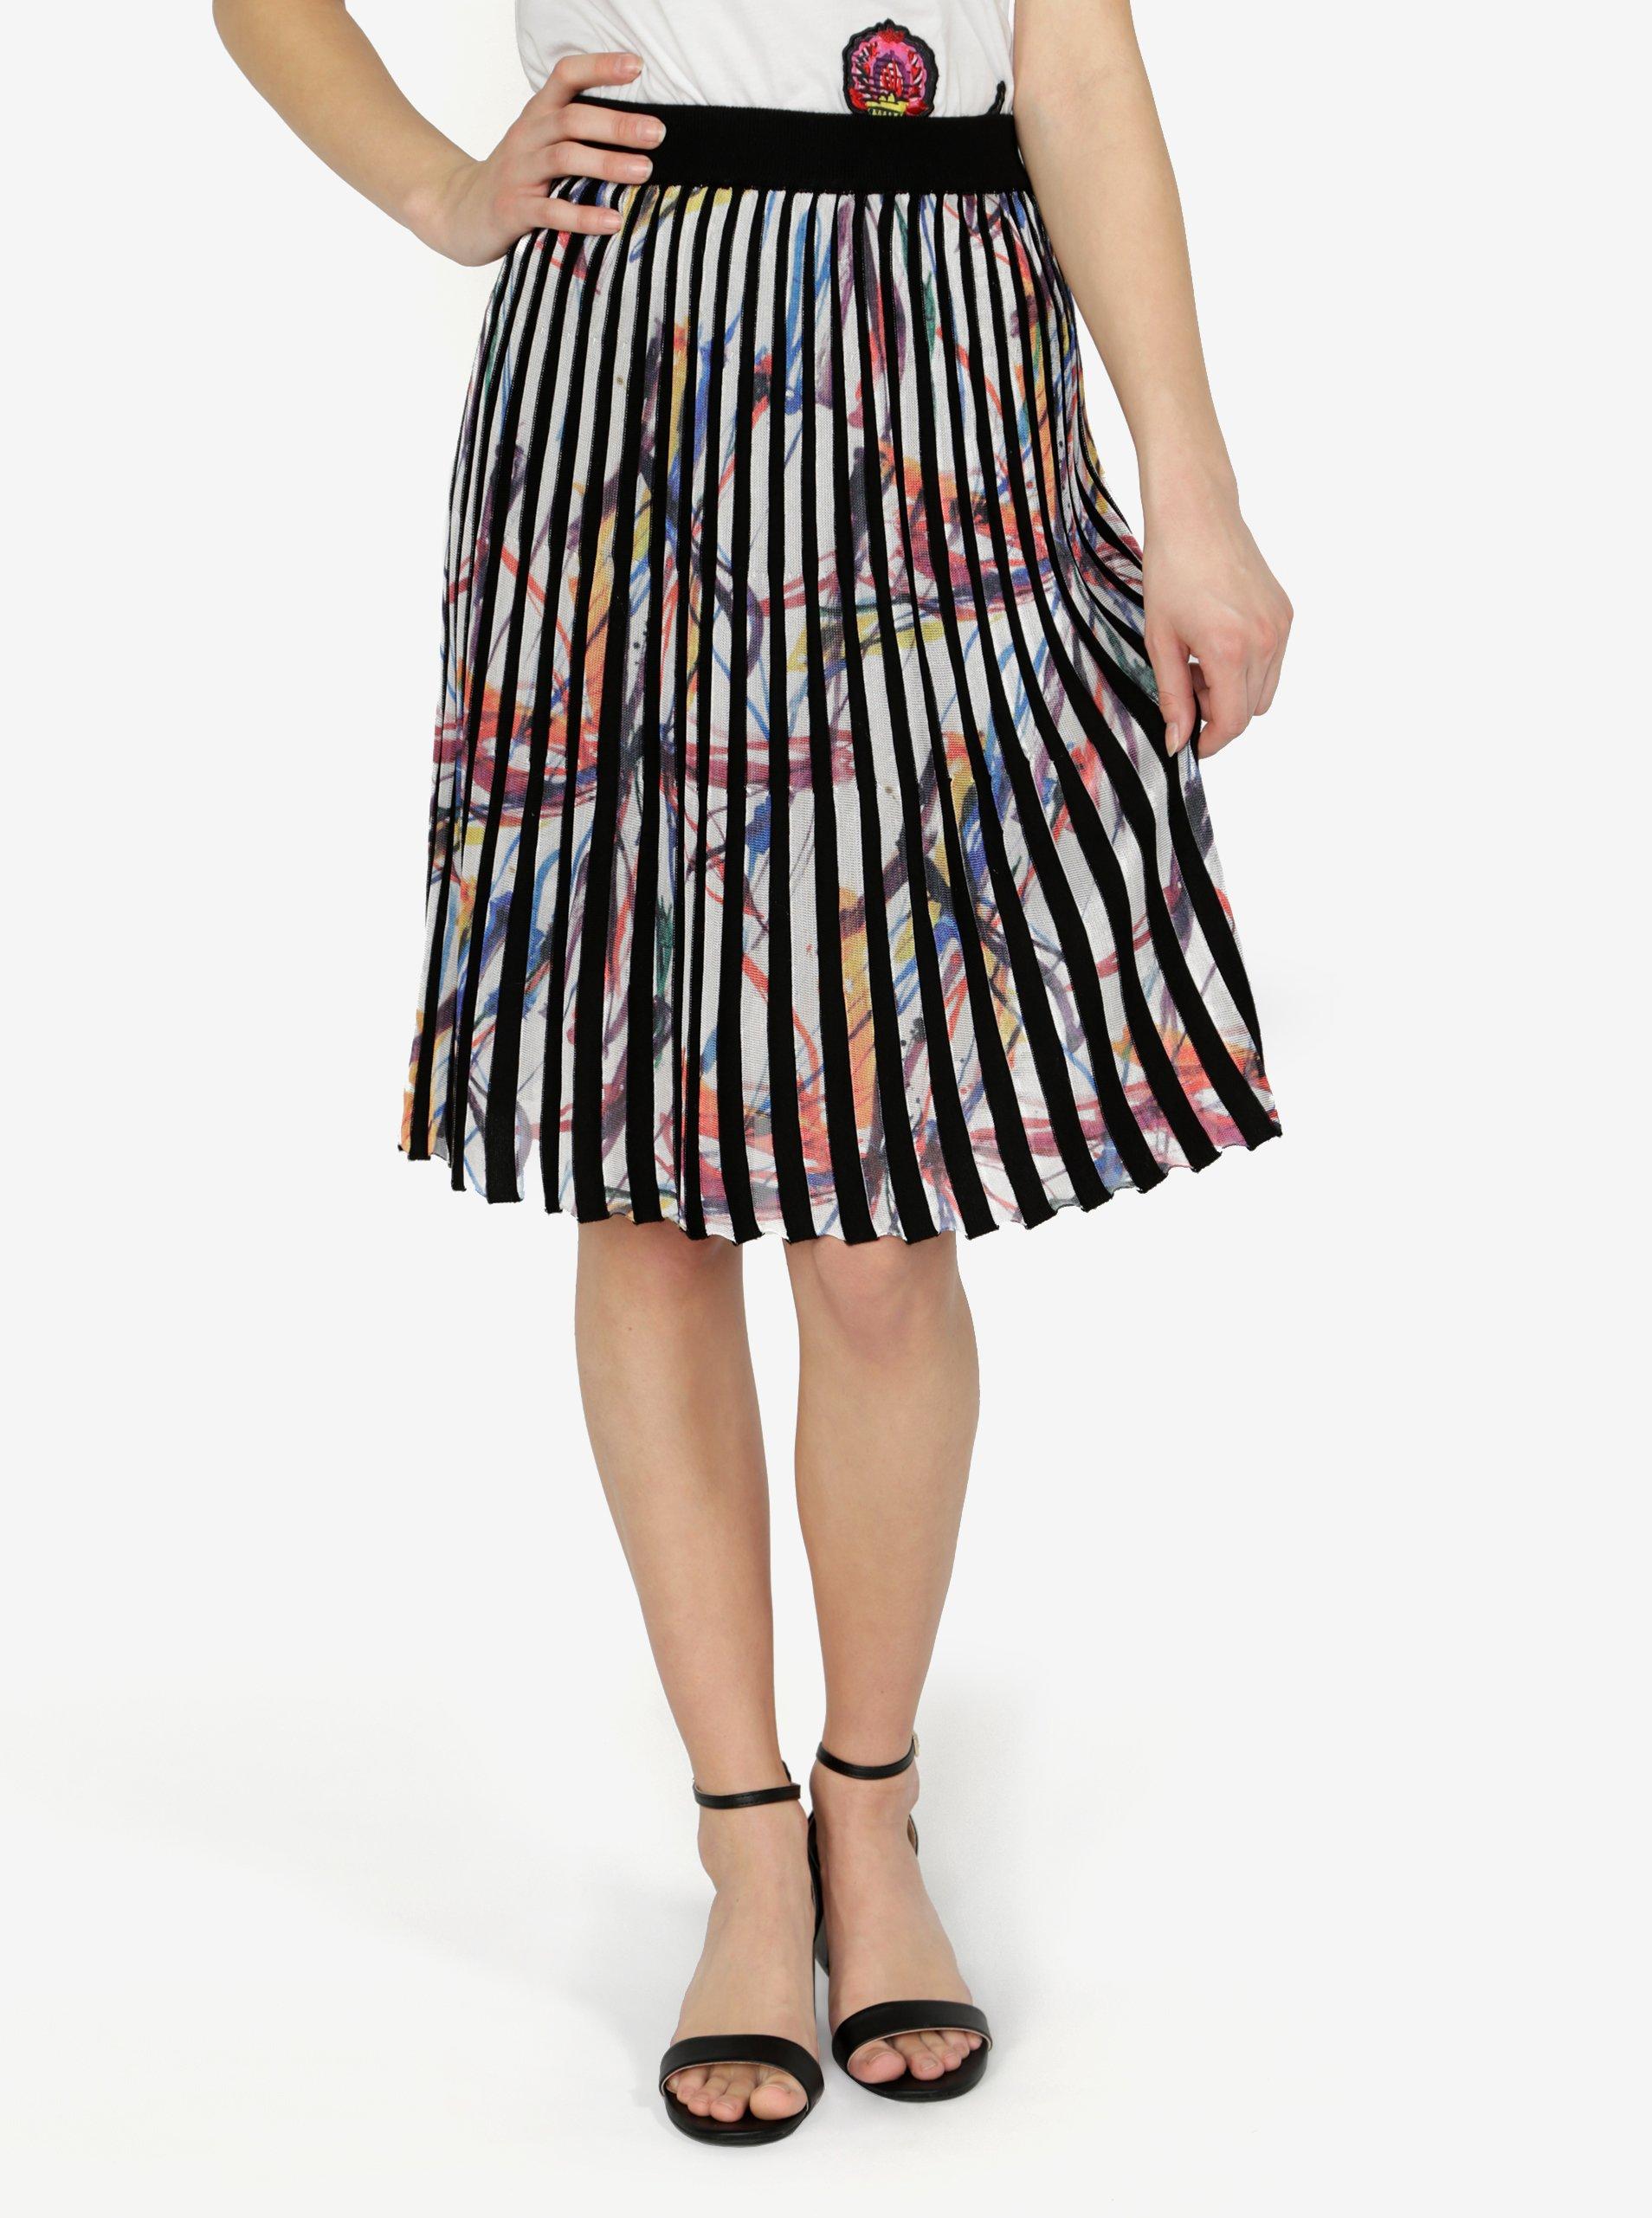 ace6689e563e Krémovo-černá vzorovaná plisovaná sukně Desigual Lady Liberty ŽENY   Sukně    Polodlouhé